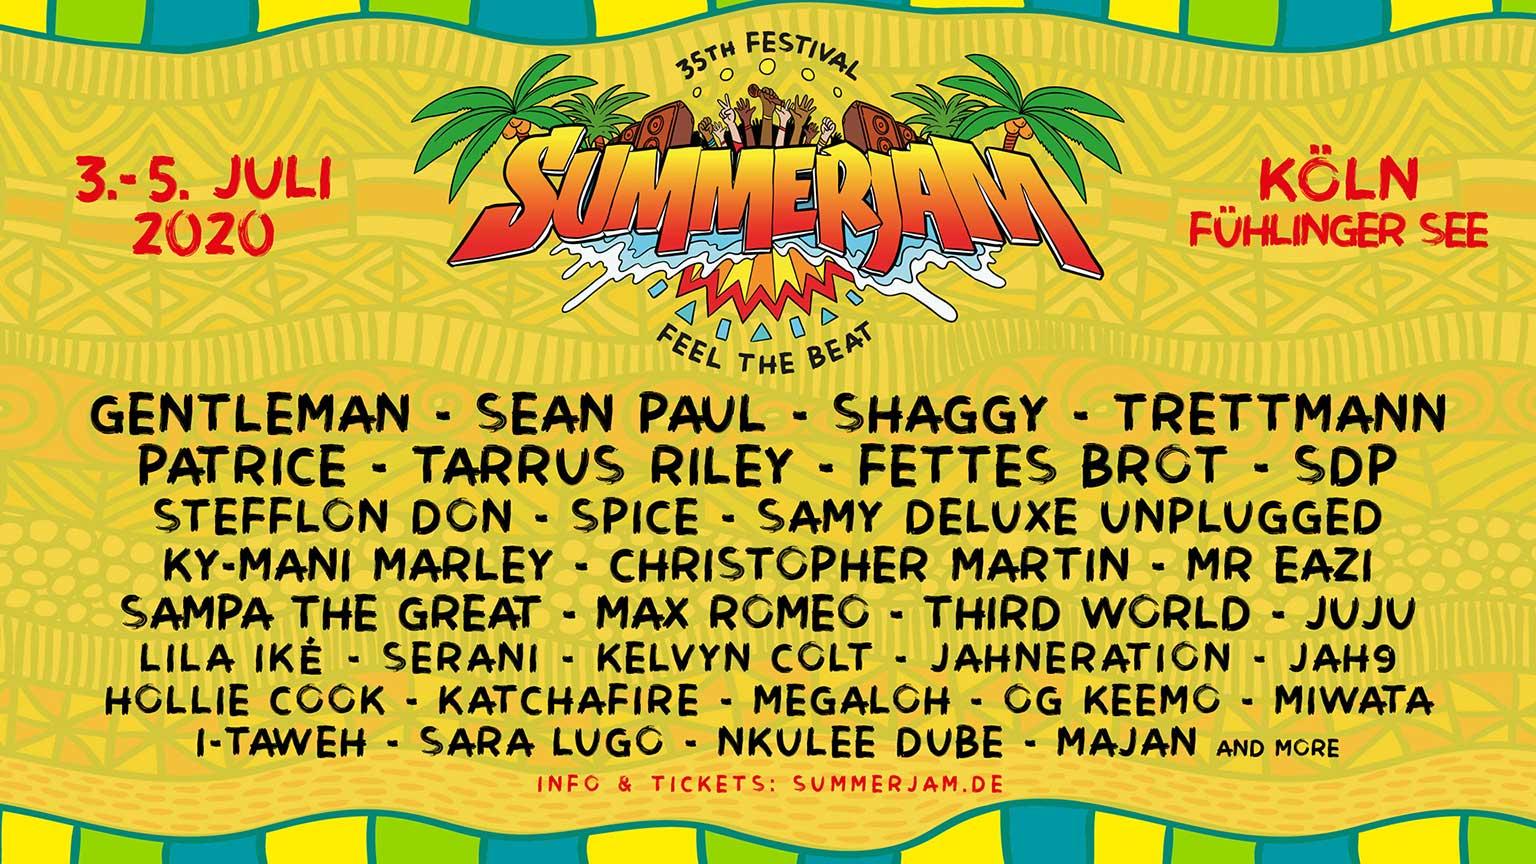 Summerjam Programm